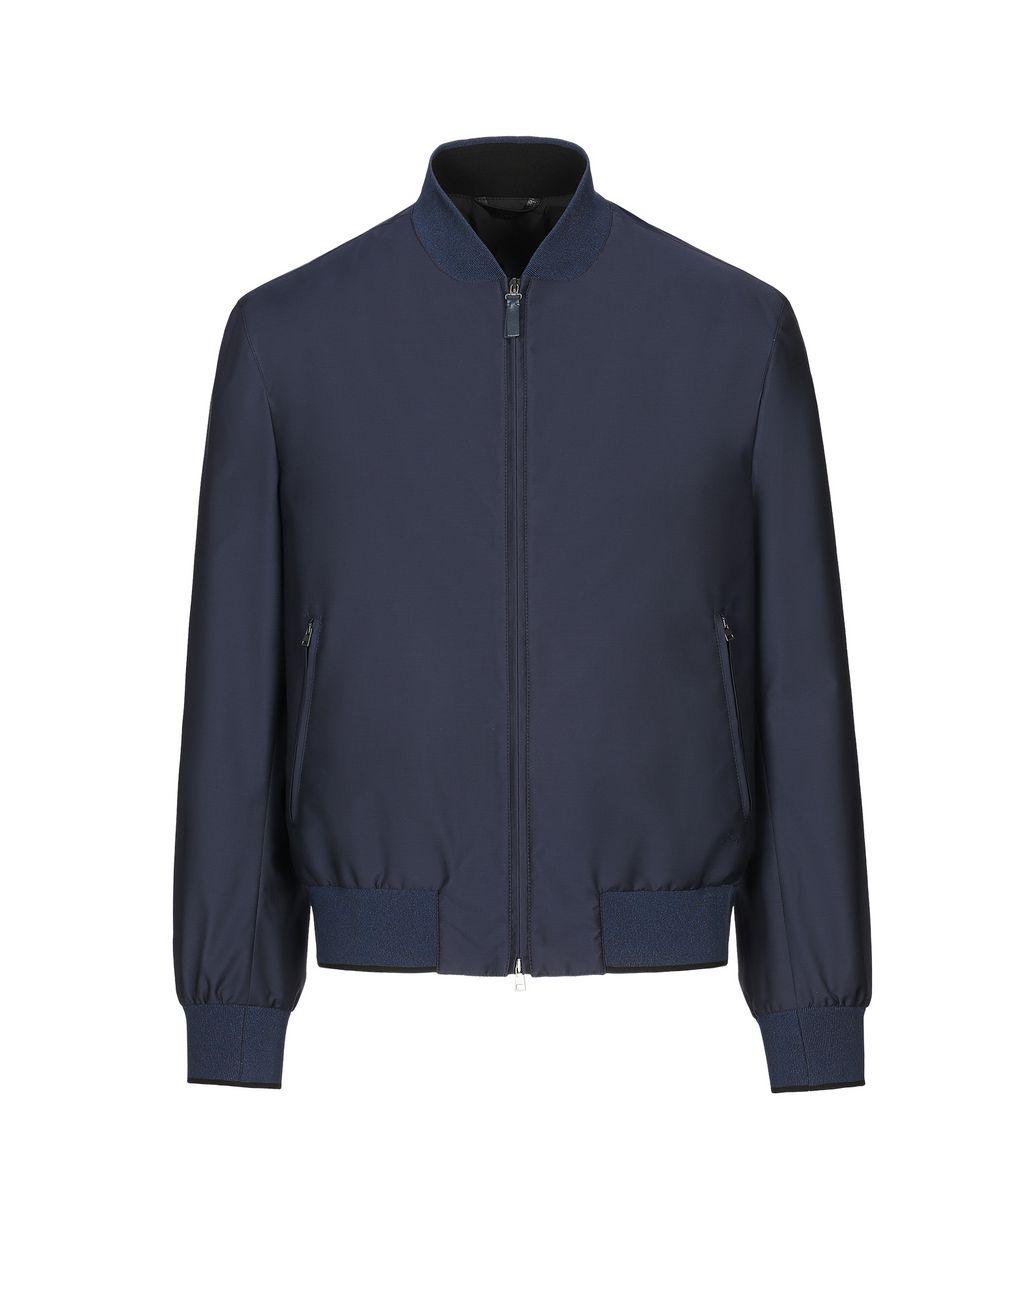 BRIONI Тёмно-синий блузон Верхняя одежда Для Мужчин f